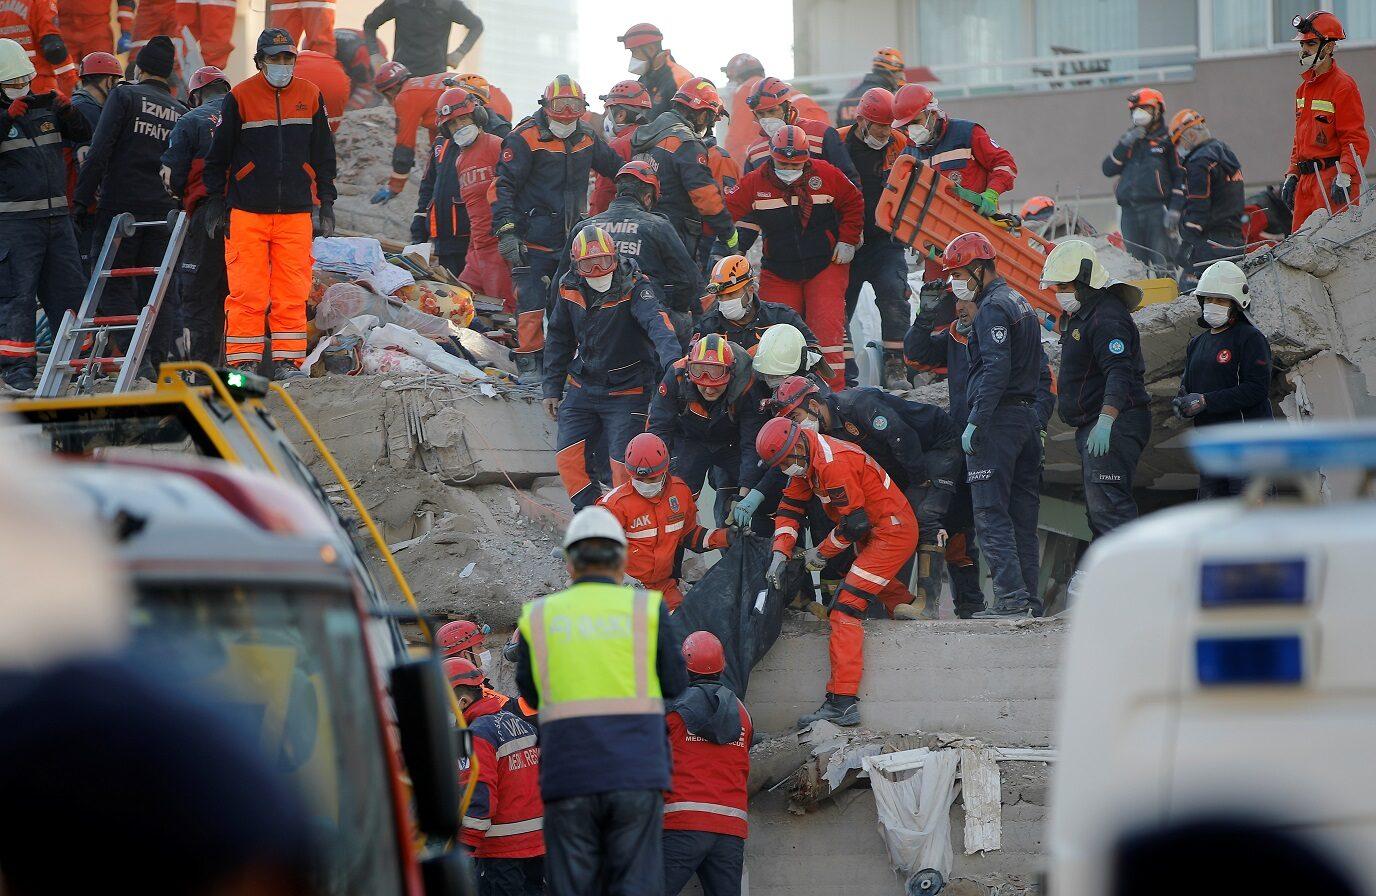 ผู้เฒ่าตุรกีติดใต้ซากแผ่นดินไหว33ชม.รอดปาฏิหาริย์ ยอดตายพุ่ง 53 ราย